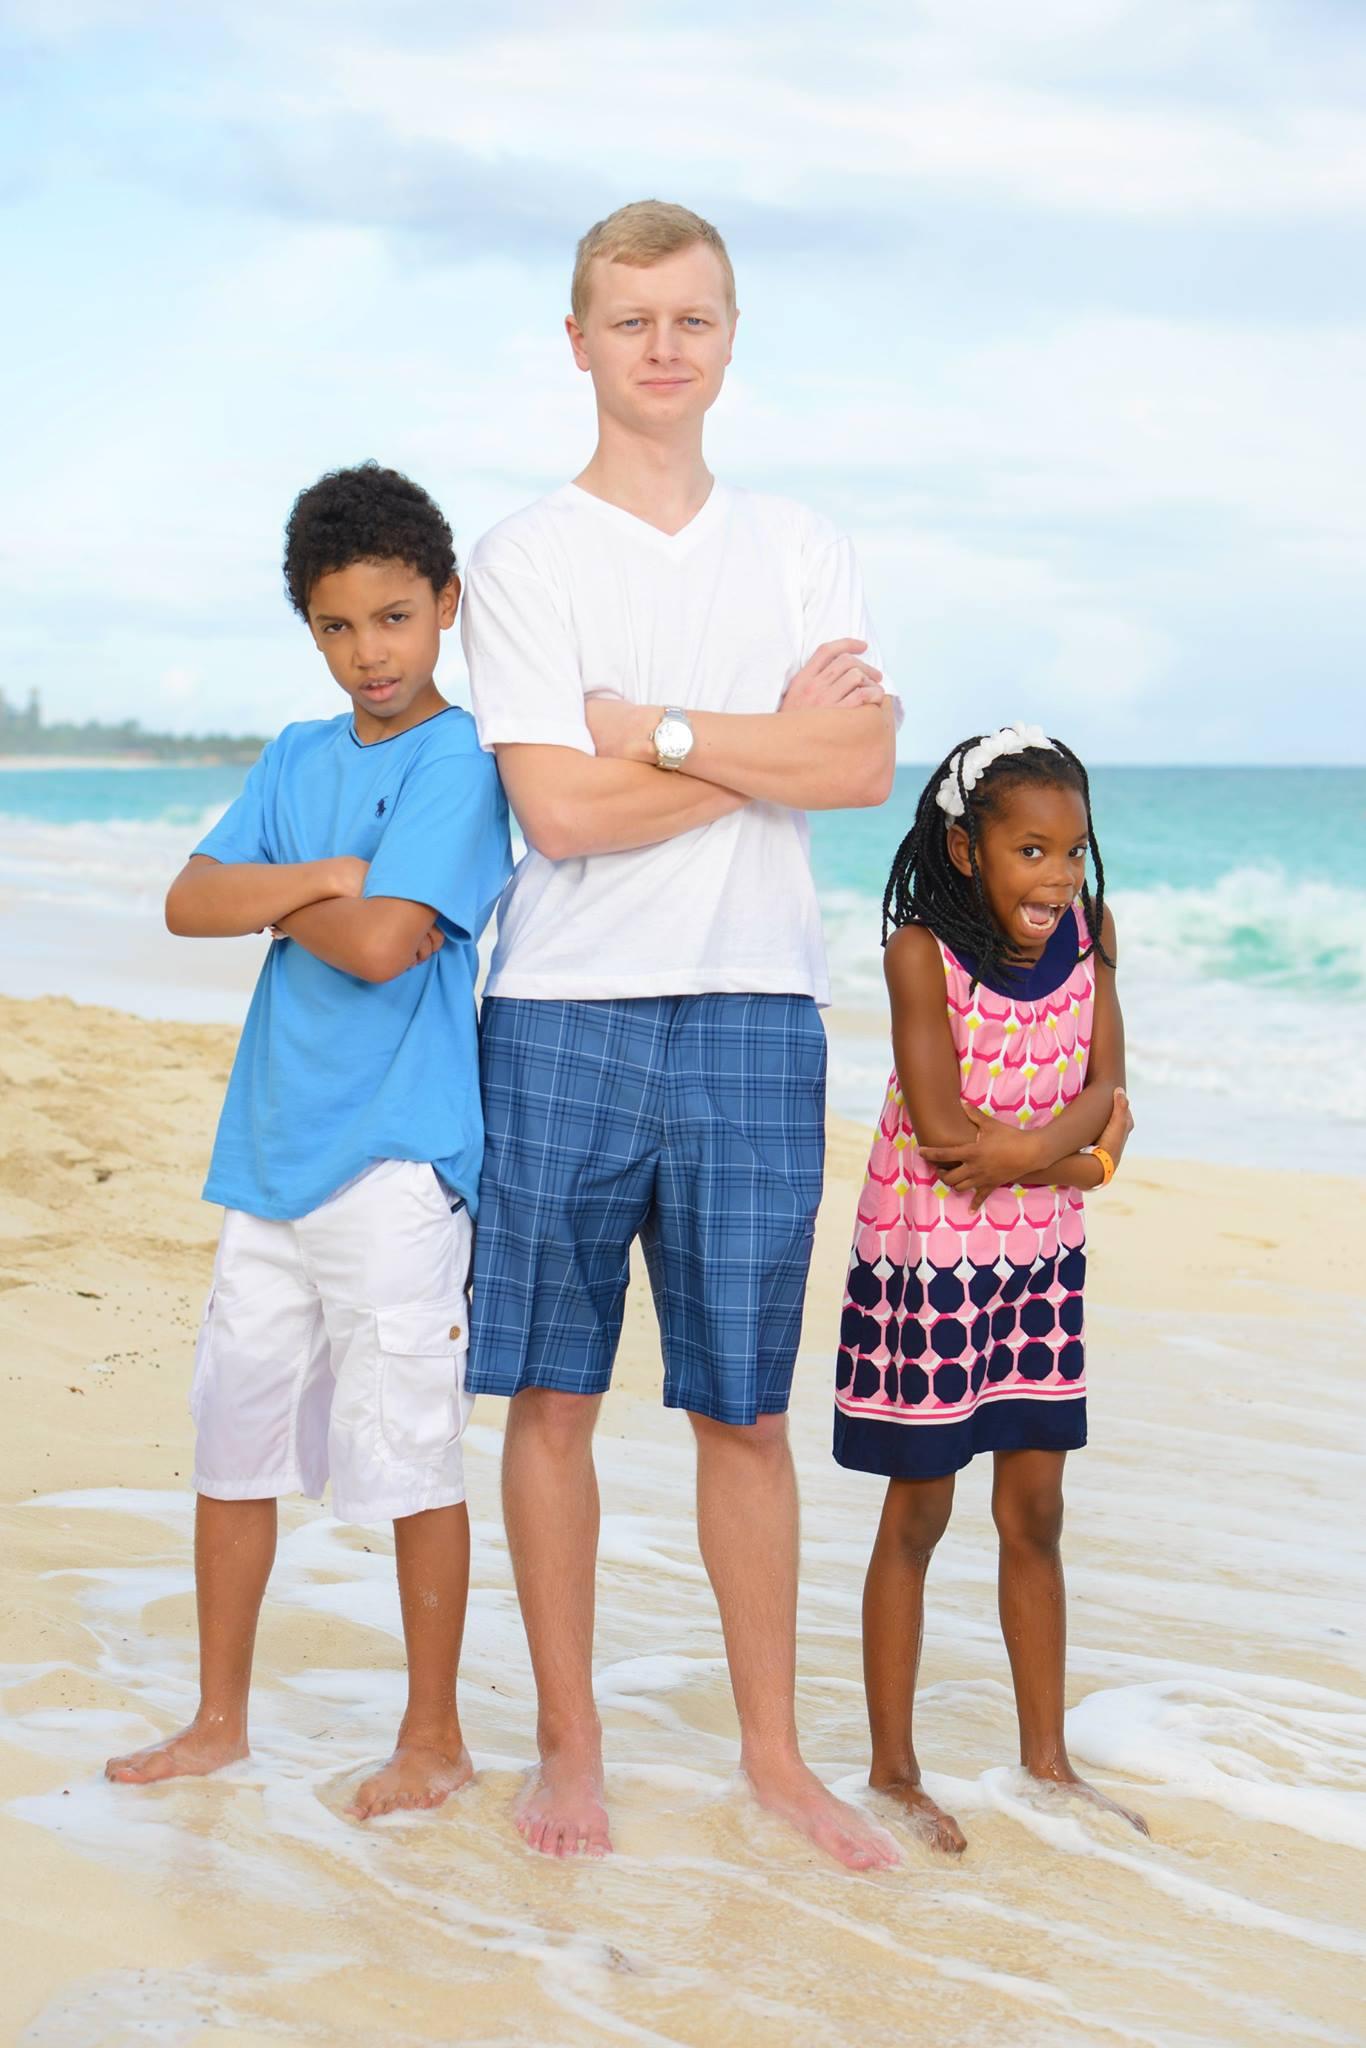 """alt=""""Kjersten and Greg's kids on the beach"""""""